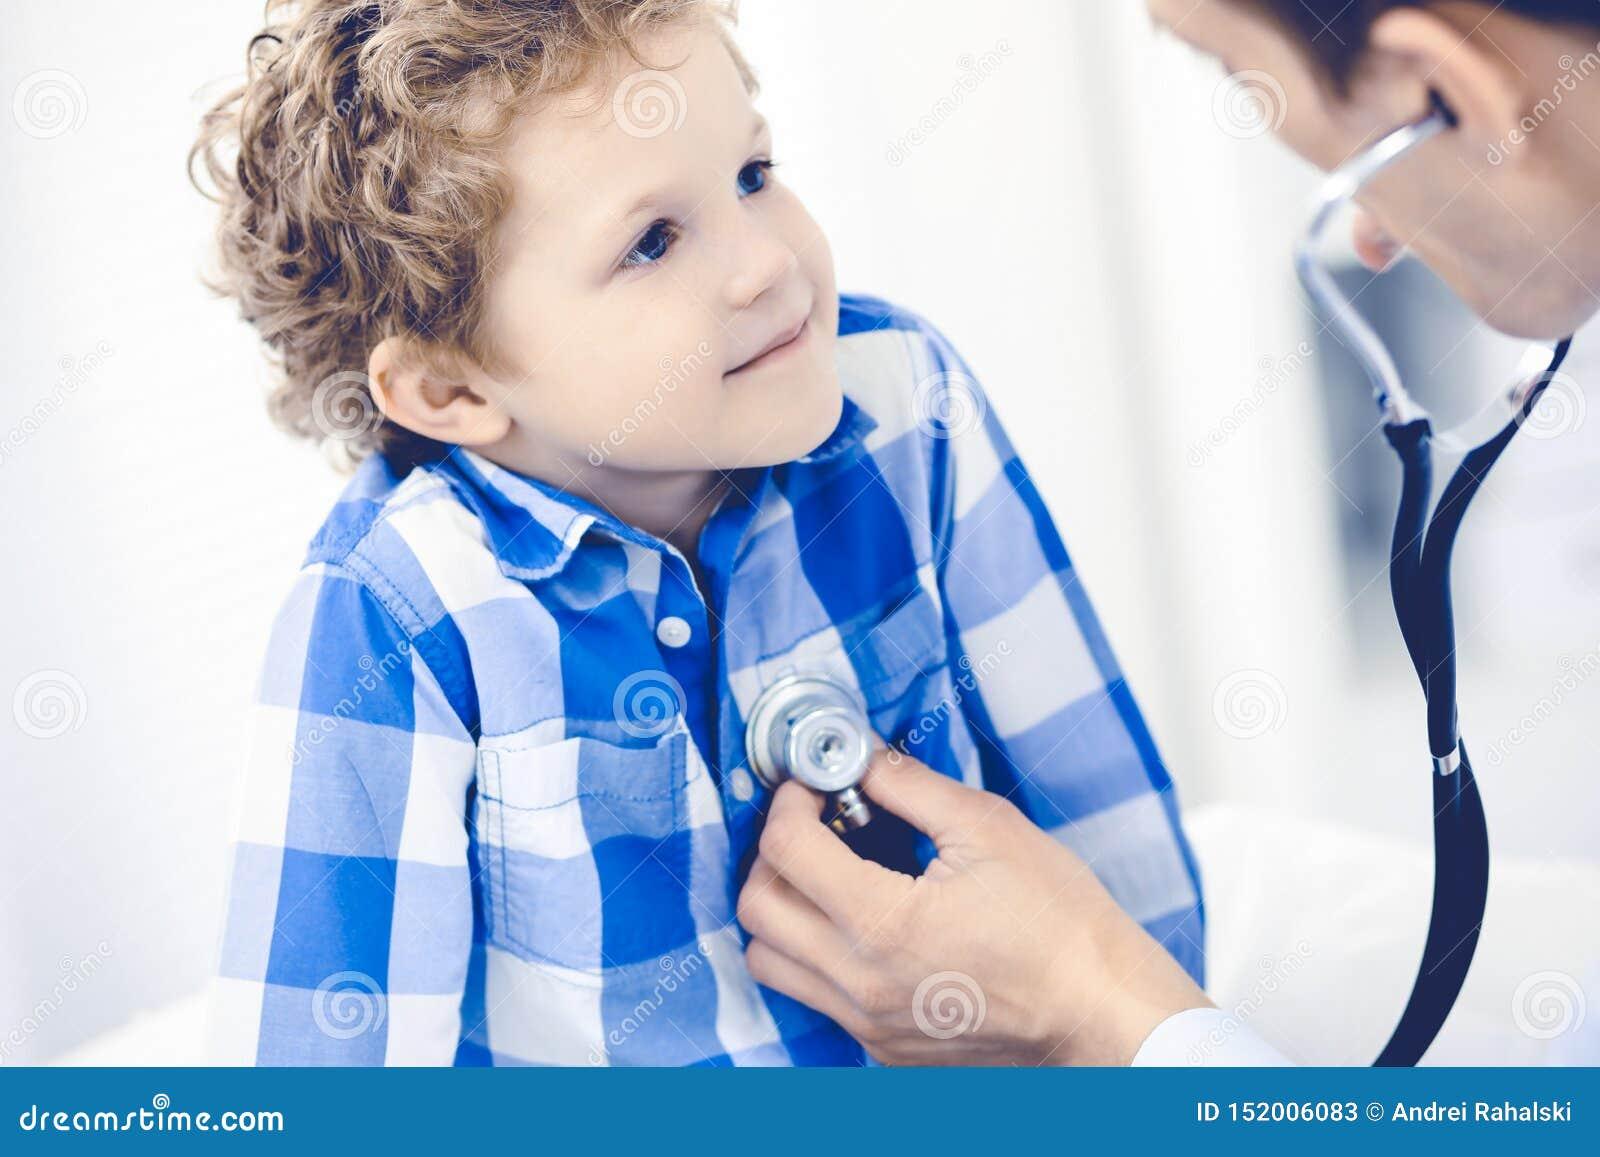 Doutor e crian?a paciente Rapaz pequeno de exame do m?dico Visita m?dica regular na cl?nica Medicina e cuidados m?dicos